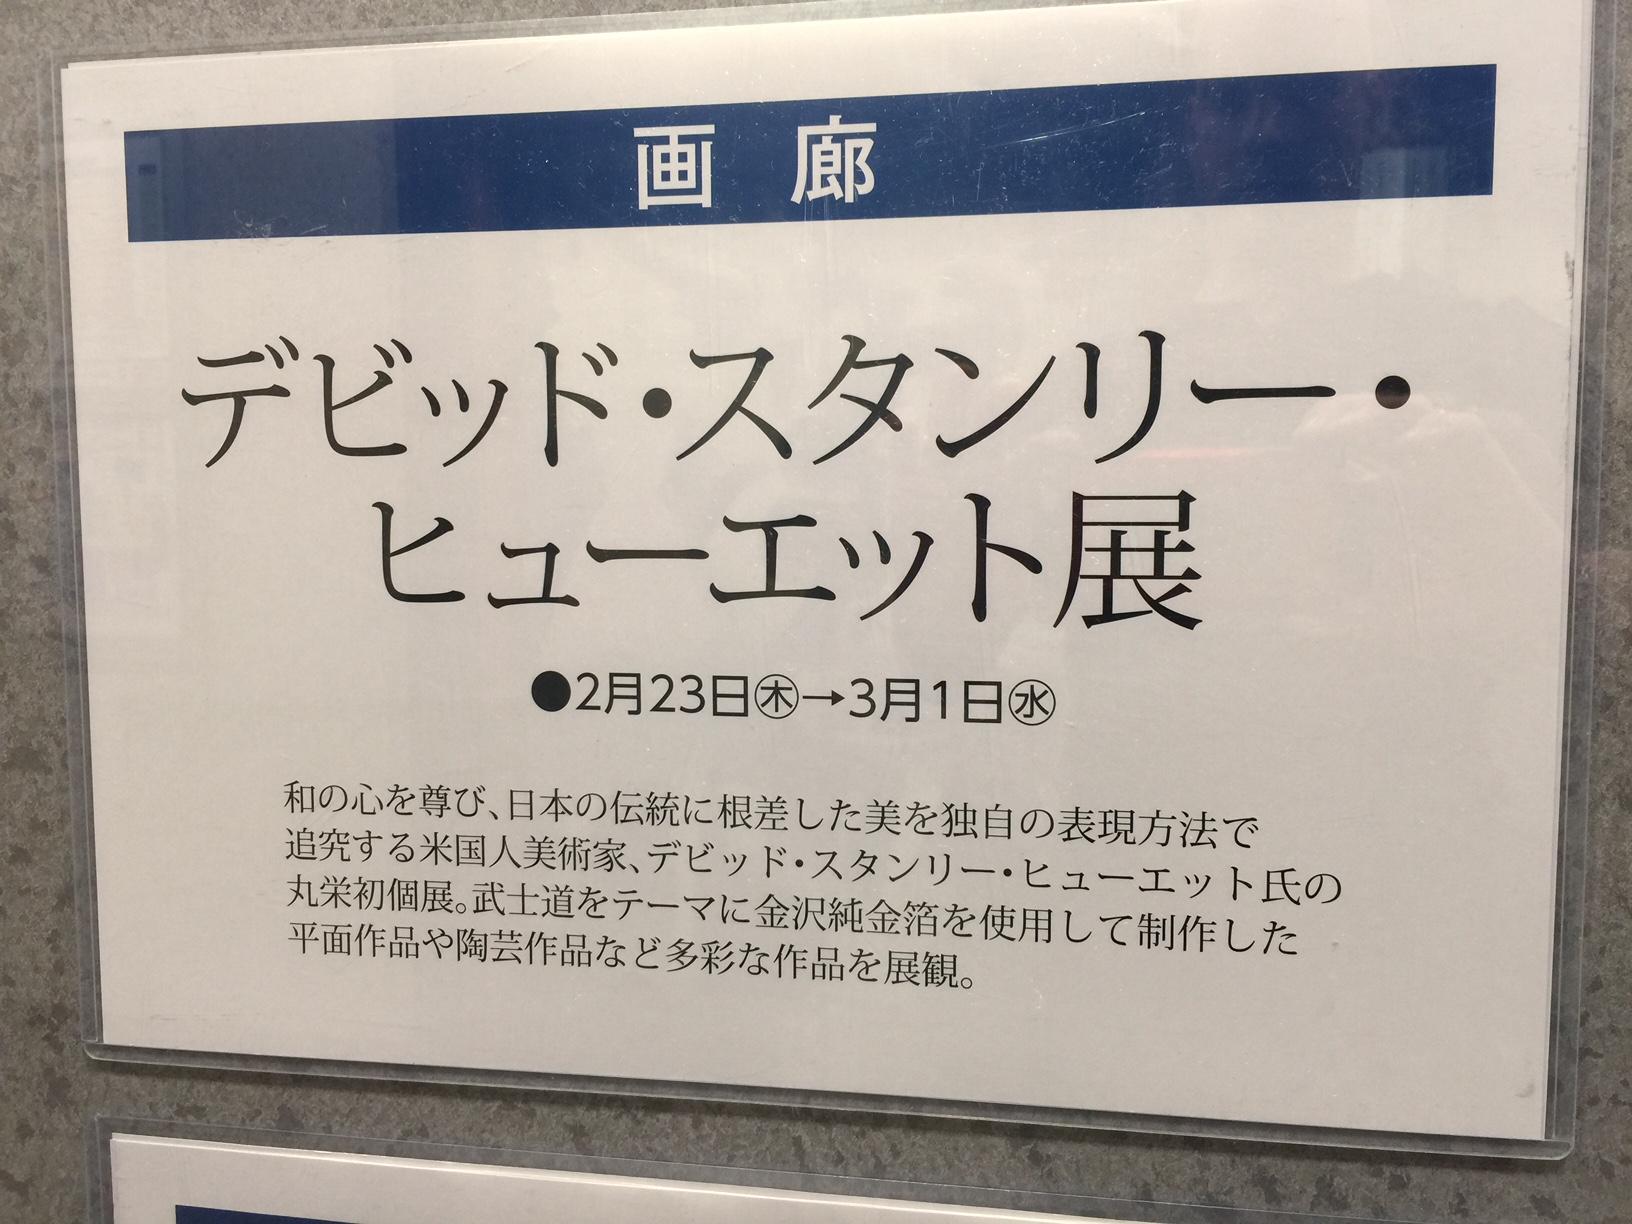 Maruei Gallery Nagoya 2017 5.jpg